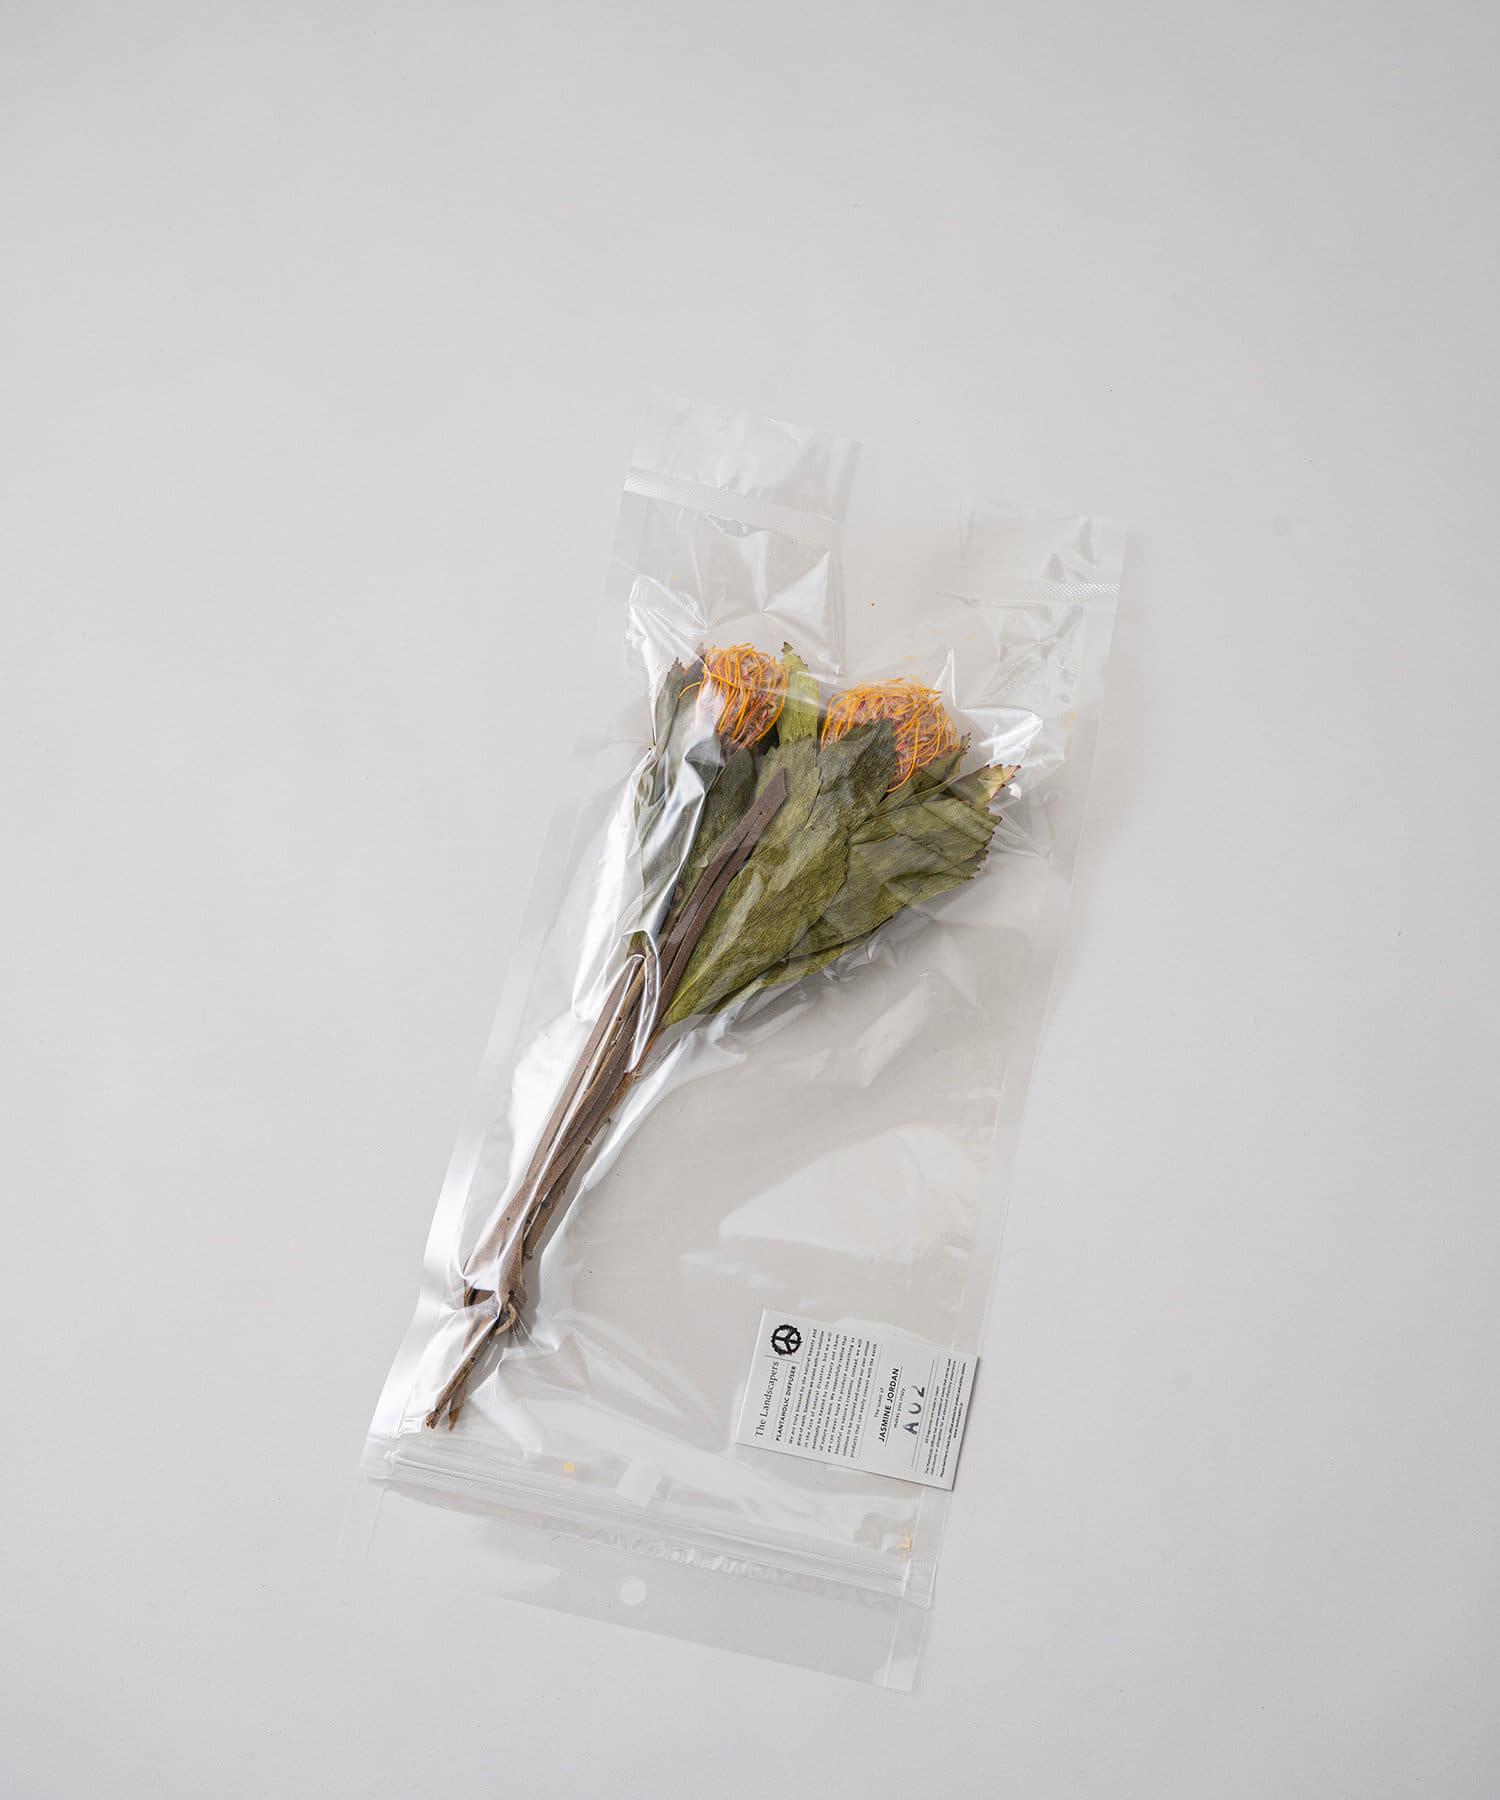 Loungedress(ラウンジドレス) レディース 【The Landscapers】PLANTAHOLIC DIFFUSER  A オレンジ